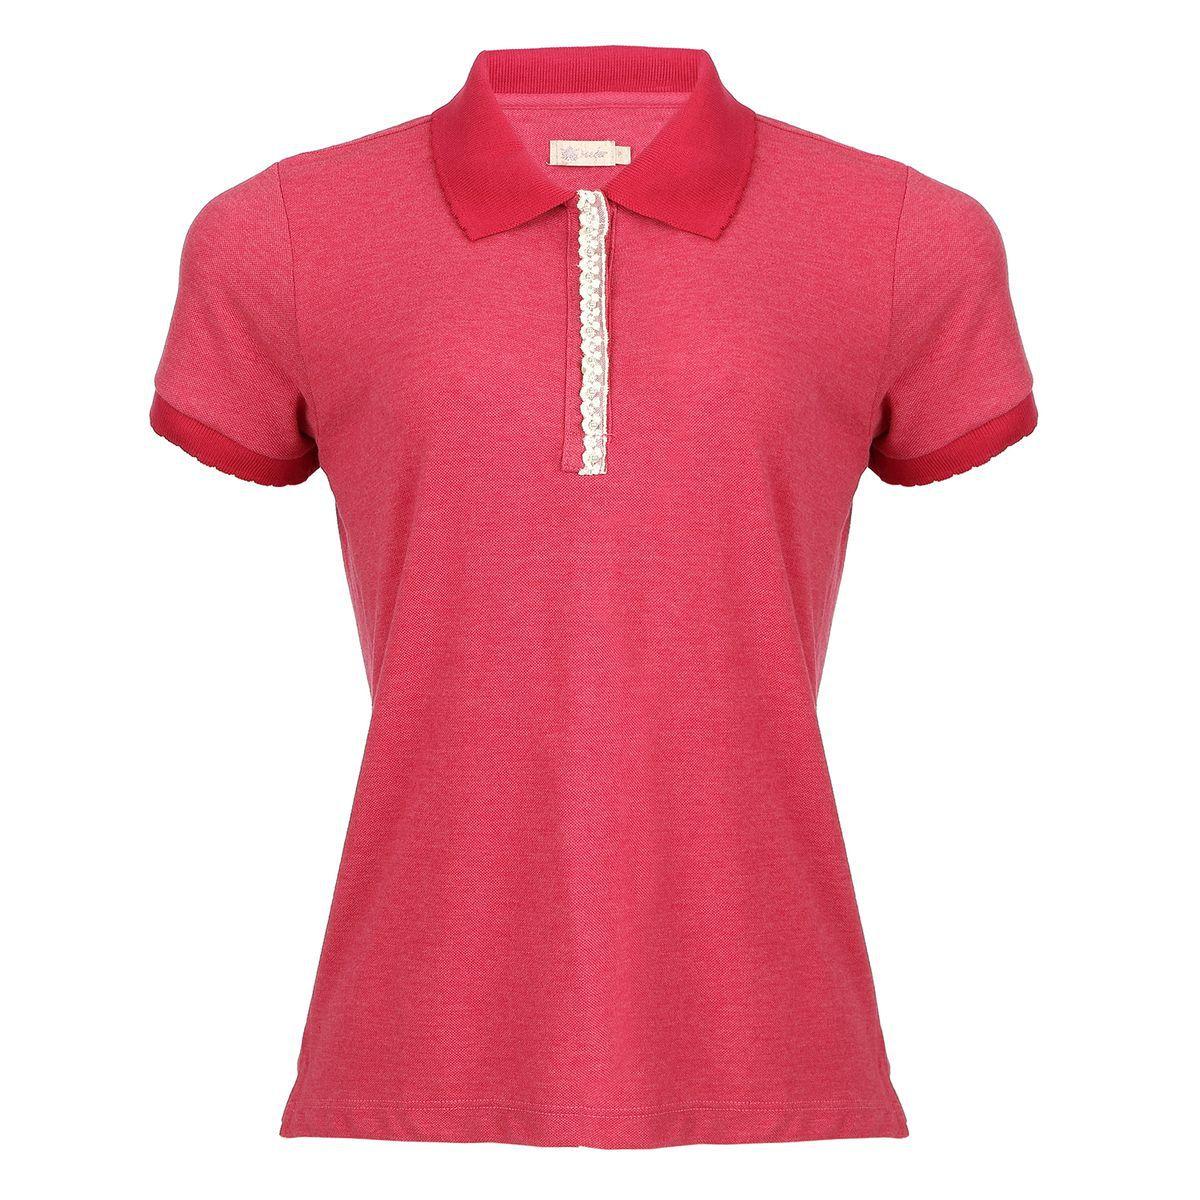 Camisa Polo Seeder Feminina com Renda Vermelha